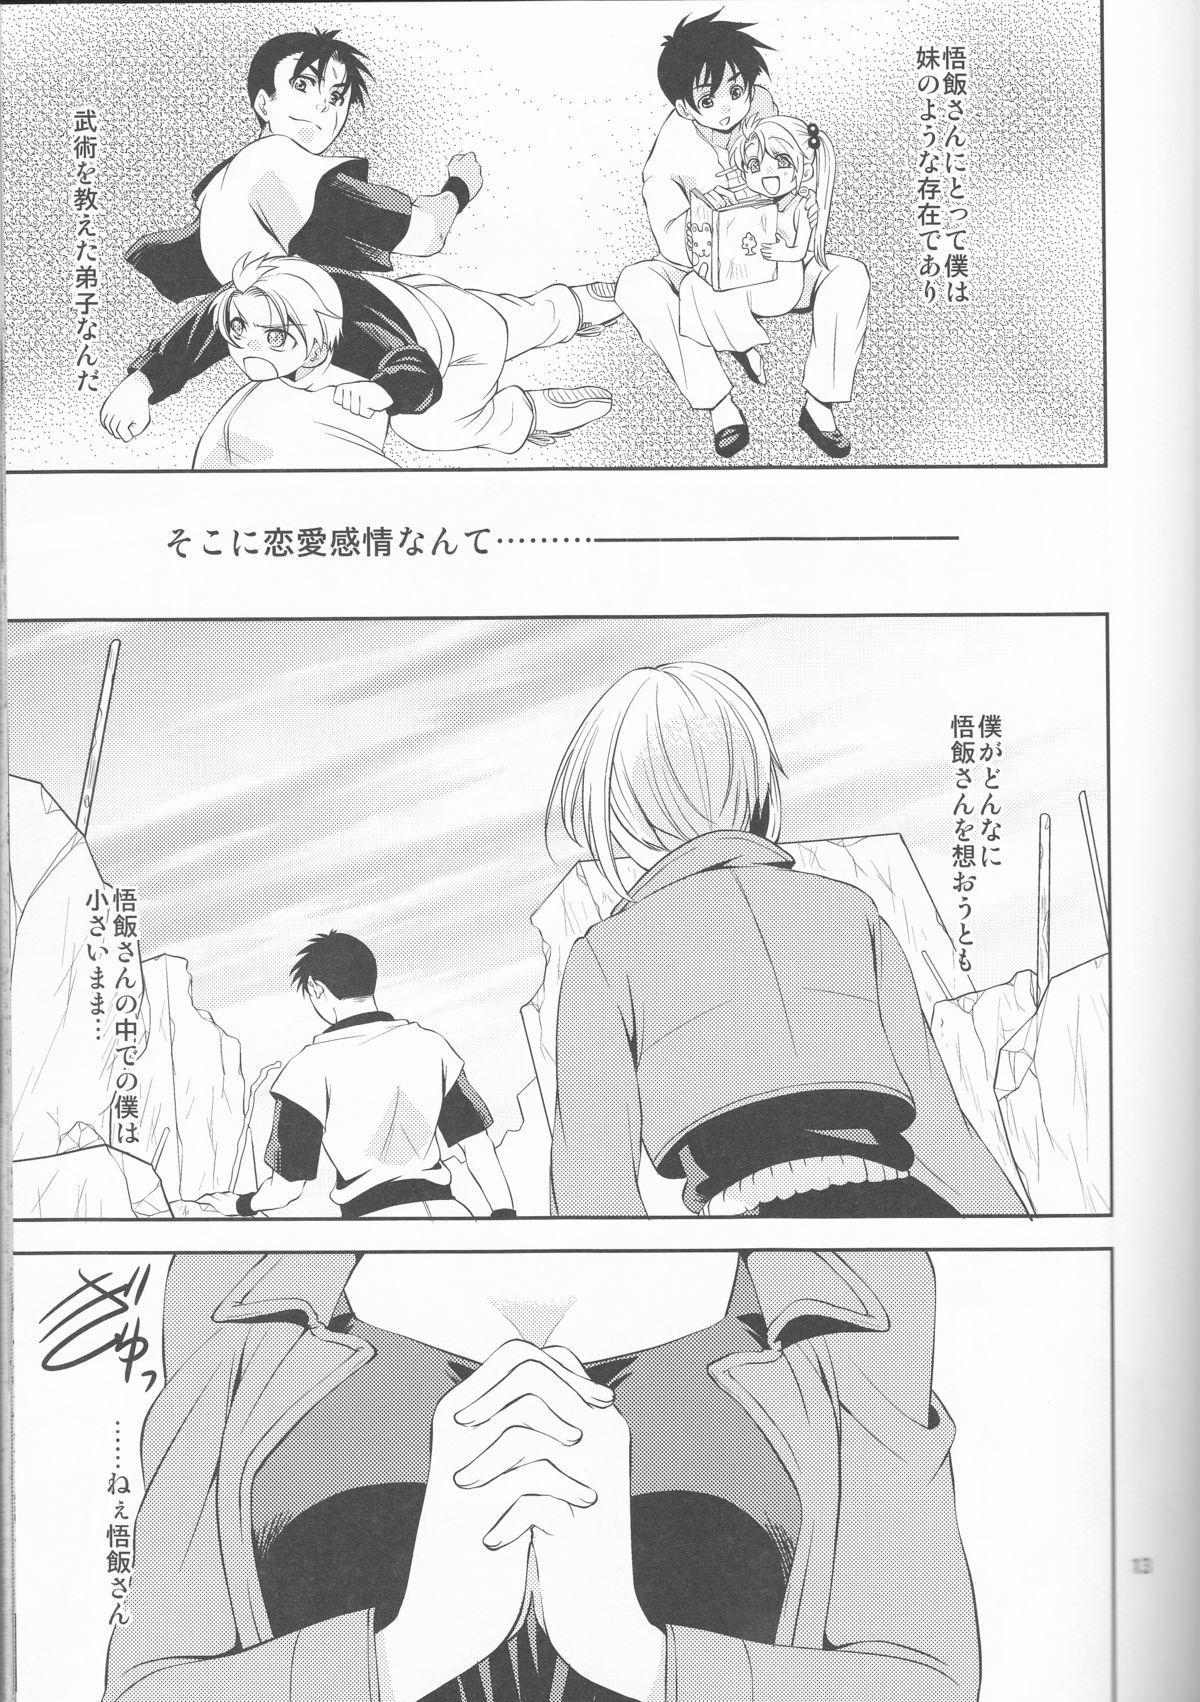 Soshite Boku wa Sono Suisen ni Miirareta. 12